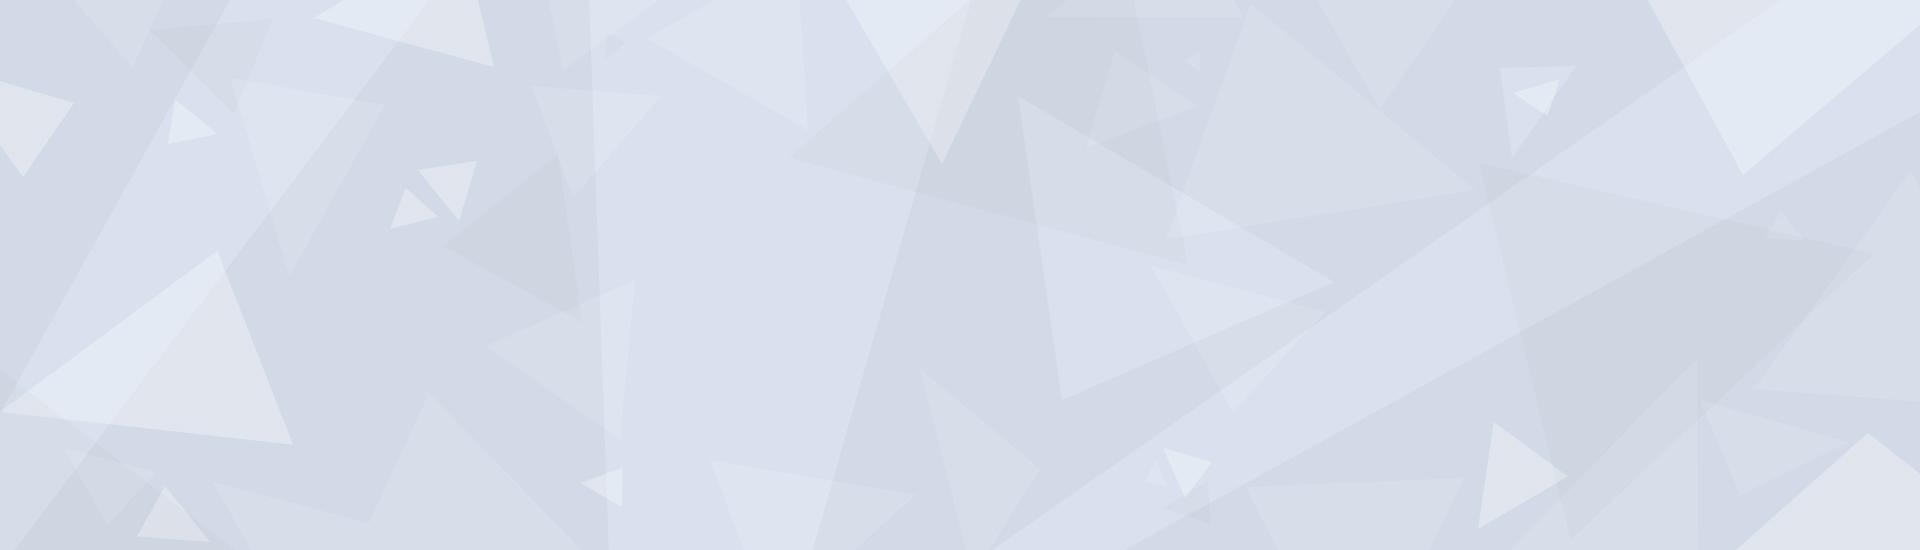 LaVieDure - VSLeague Online eSport